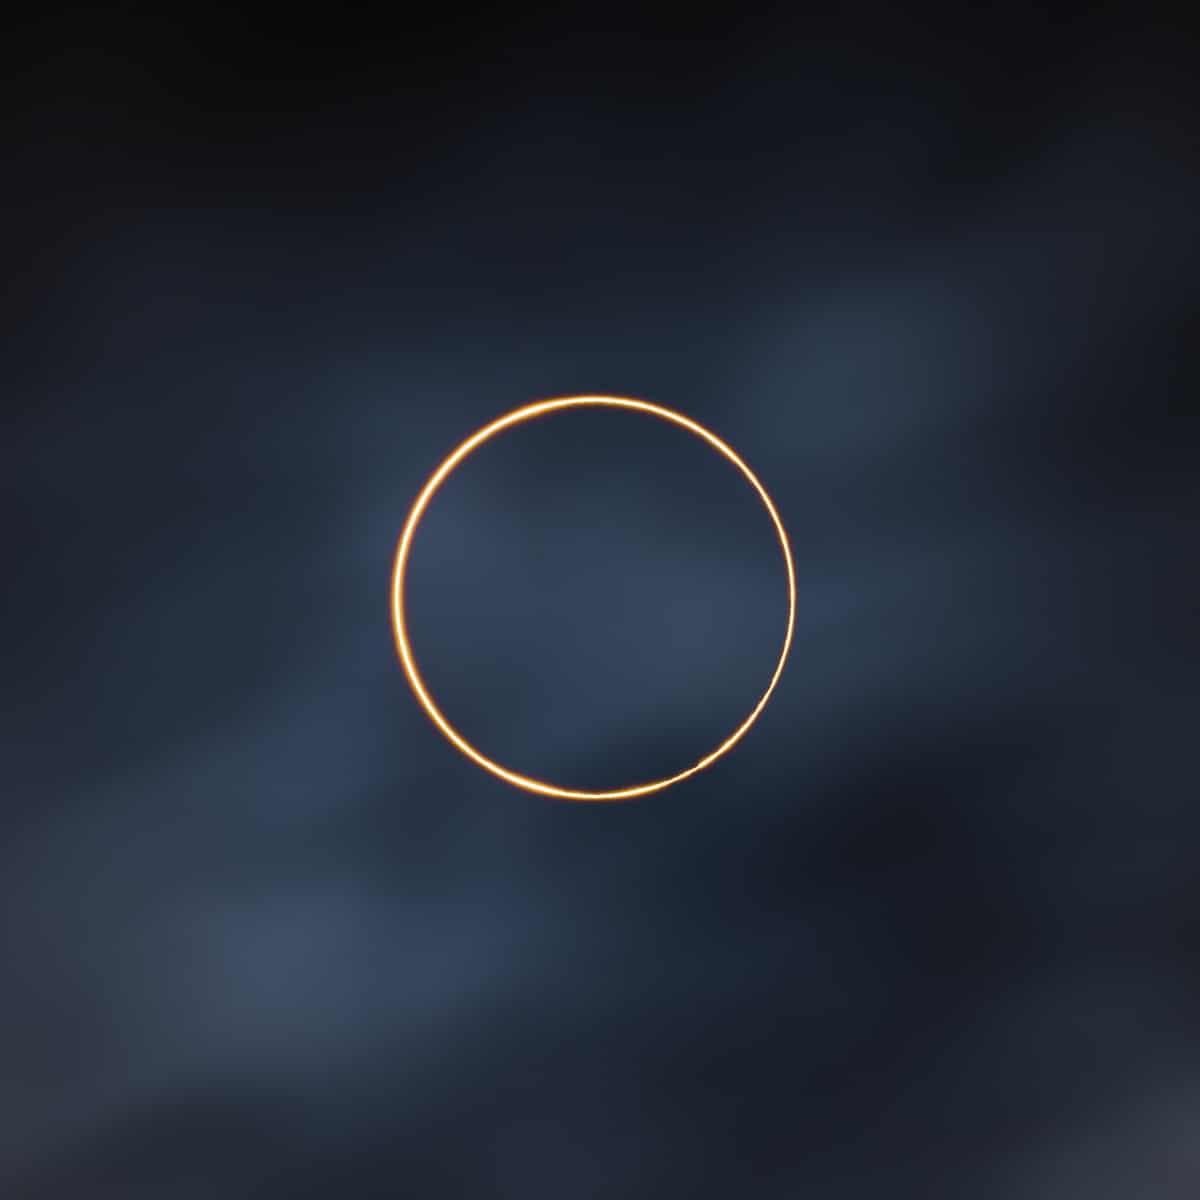 Eclipse solar anular en Tíbet